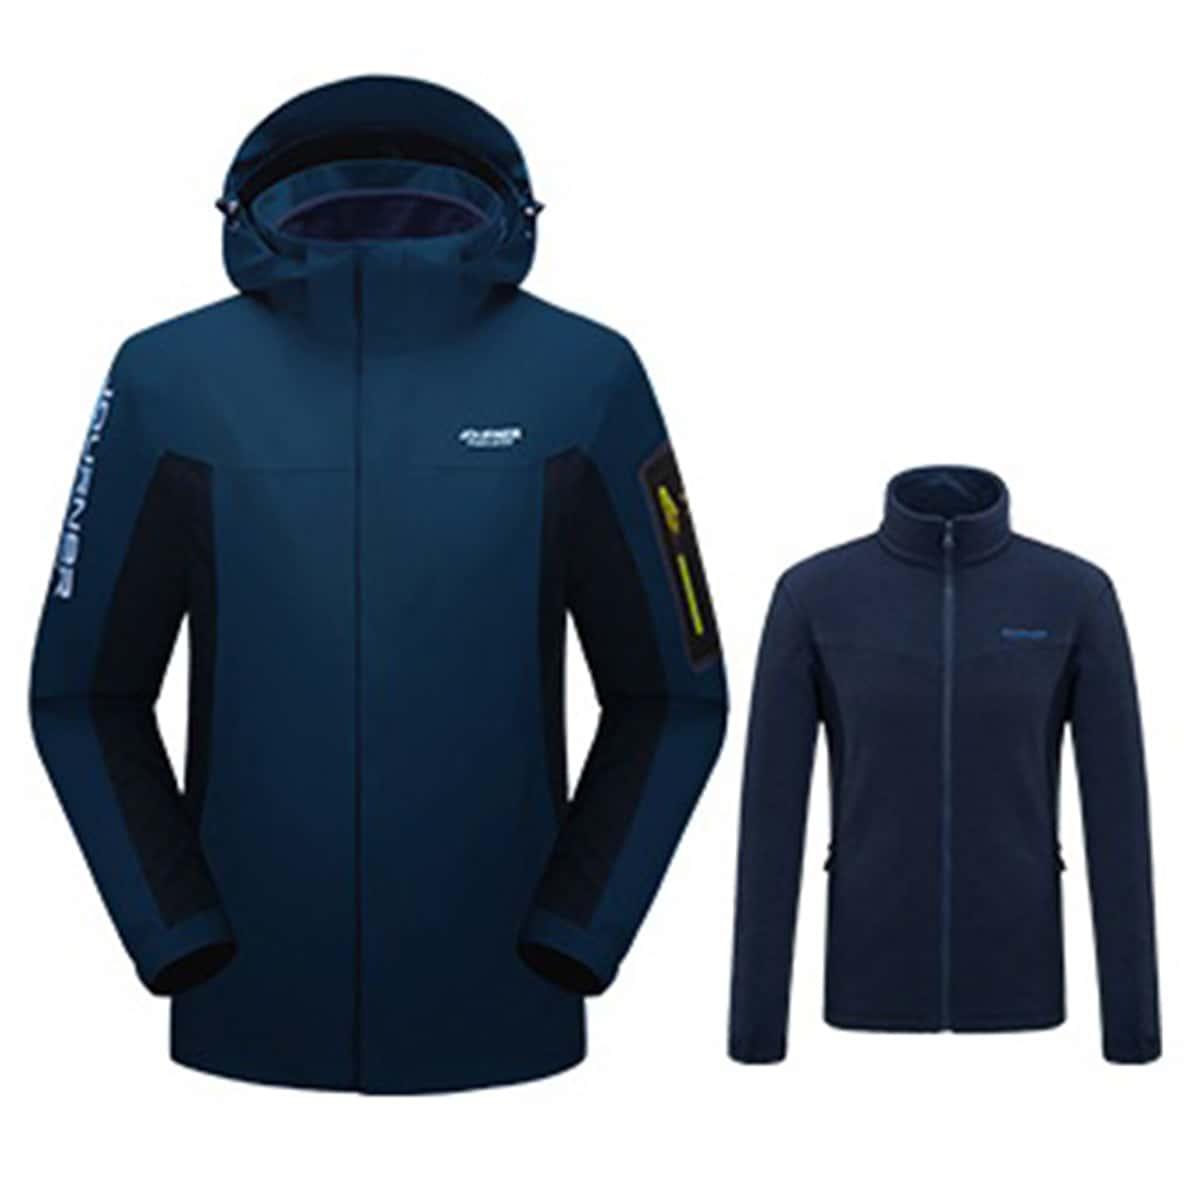 Мужская 3 в 1 водонепроницаемая куртка с капюшоном и съемной флисовой подкладкой